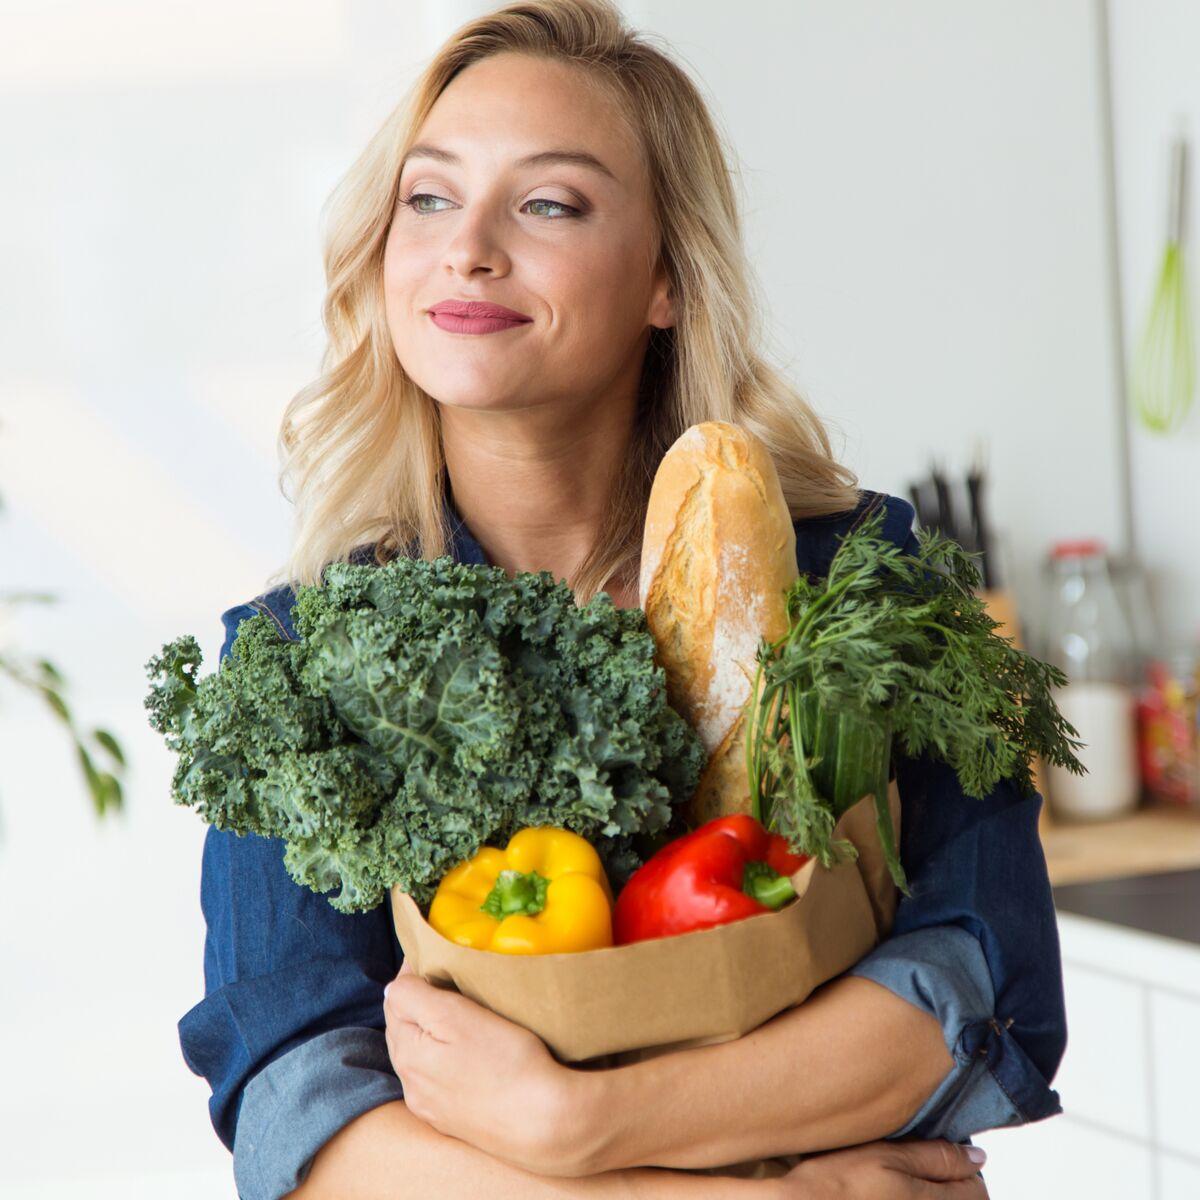 comment stimuler le métabolisme après une perte de poids perte de poids prière foi